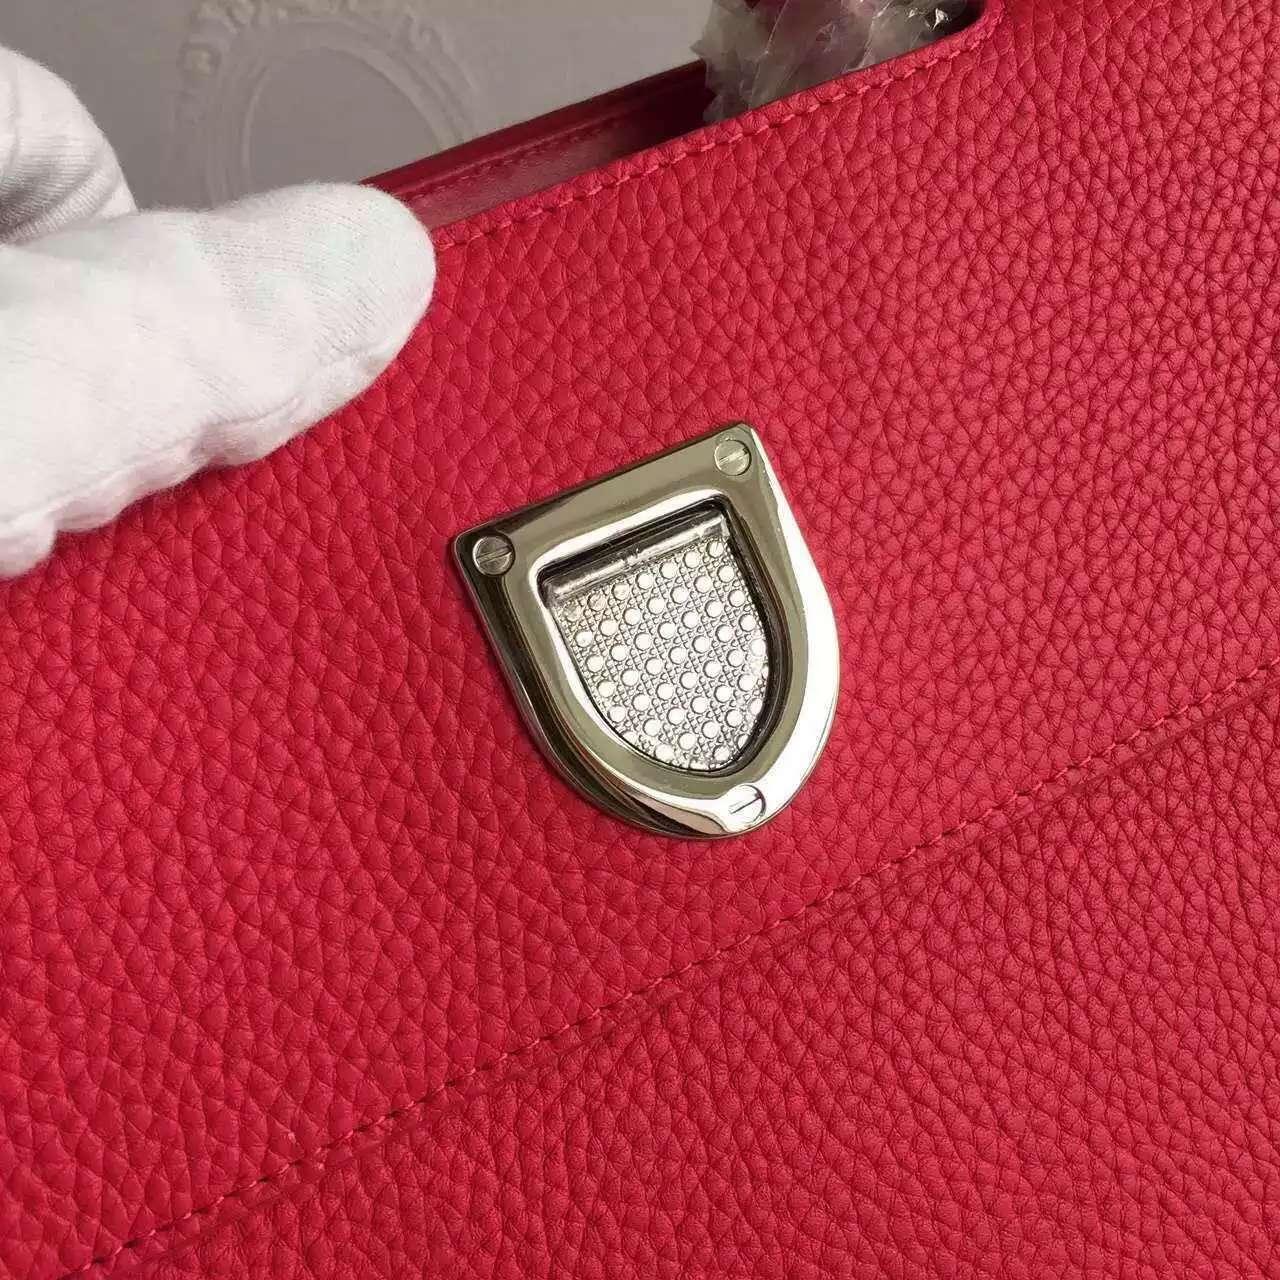 Christian Dior迪奥包包官网 巴黎走秀款Diorever玫红荔枝纹皮手提女包